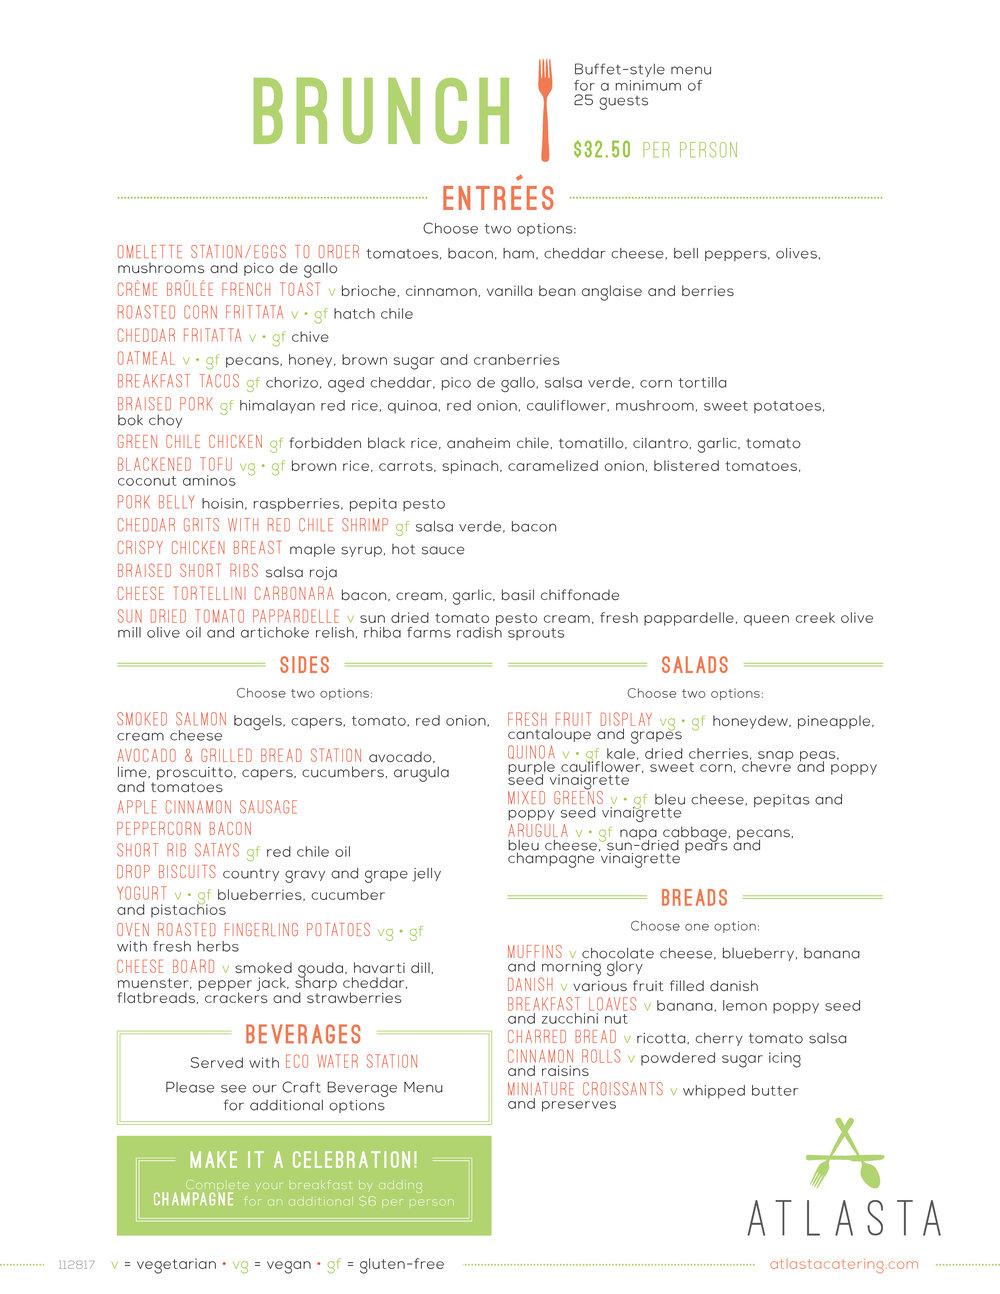 Atlasta Catering - Wedding Brunch